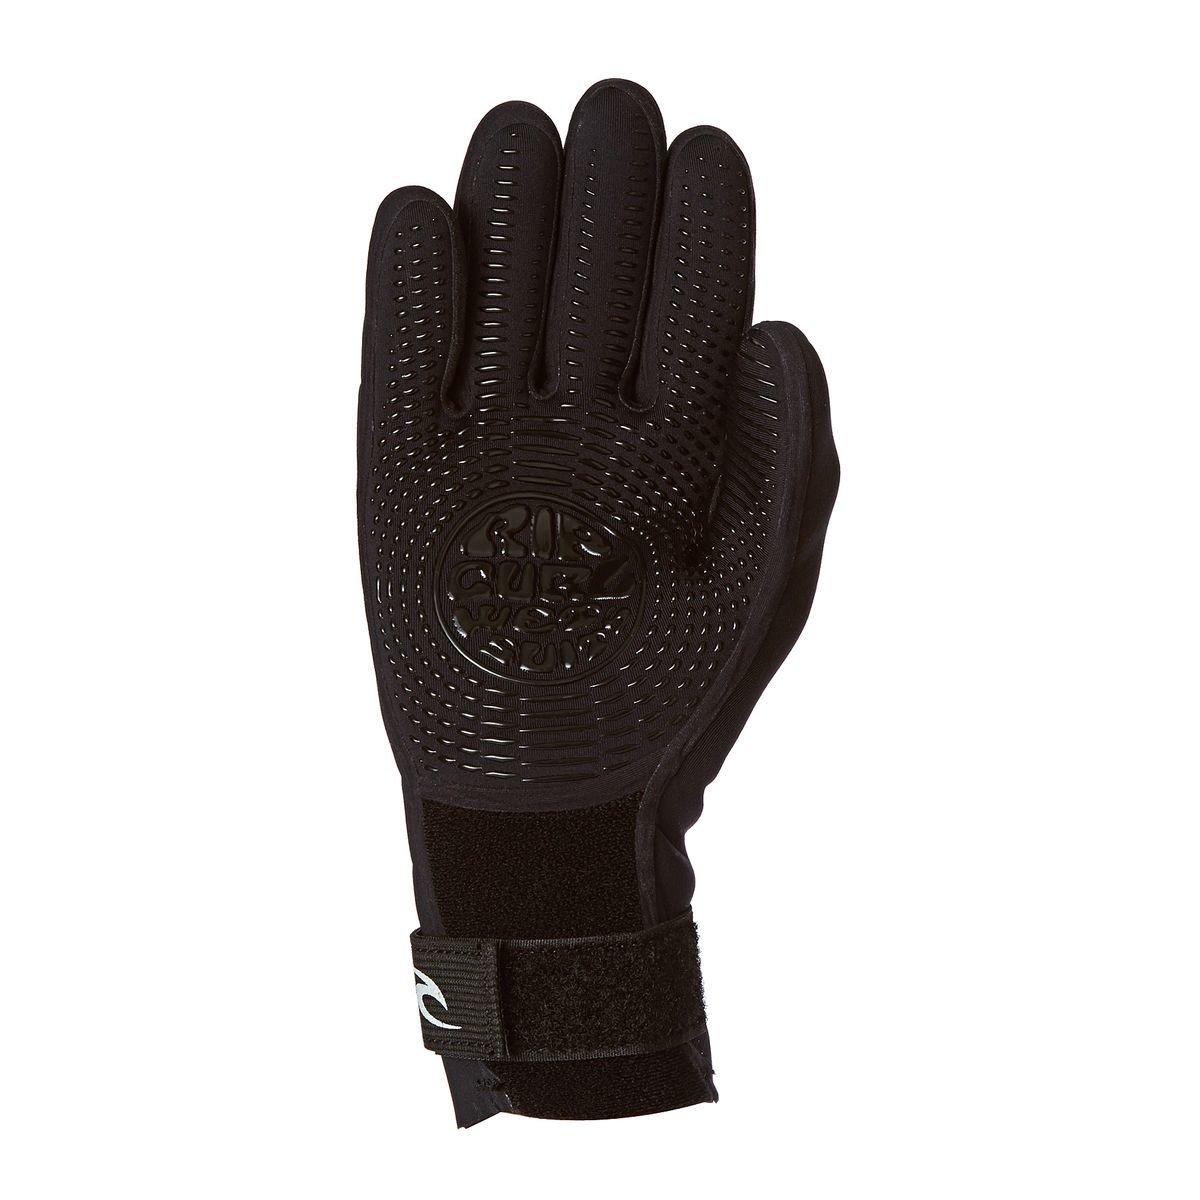 Neoprene Gant E Bomb 2mm Finger Taille:one Size Rip Curl